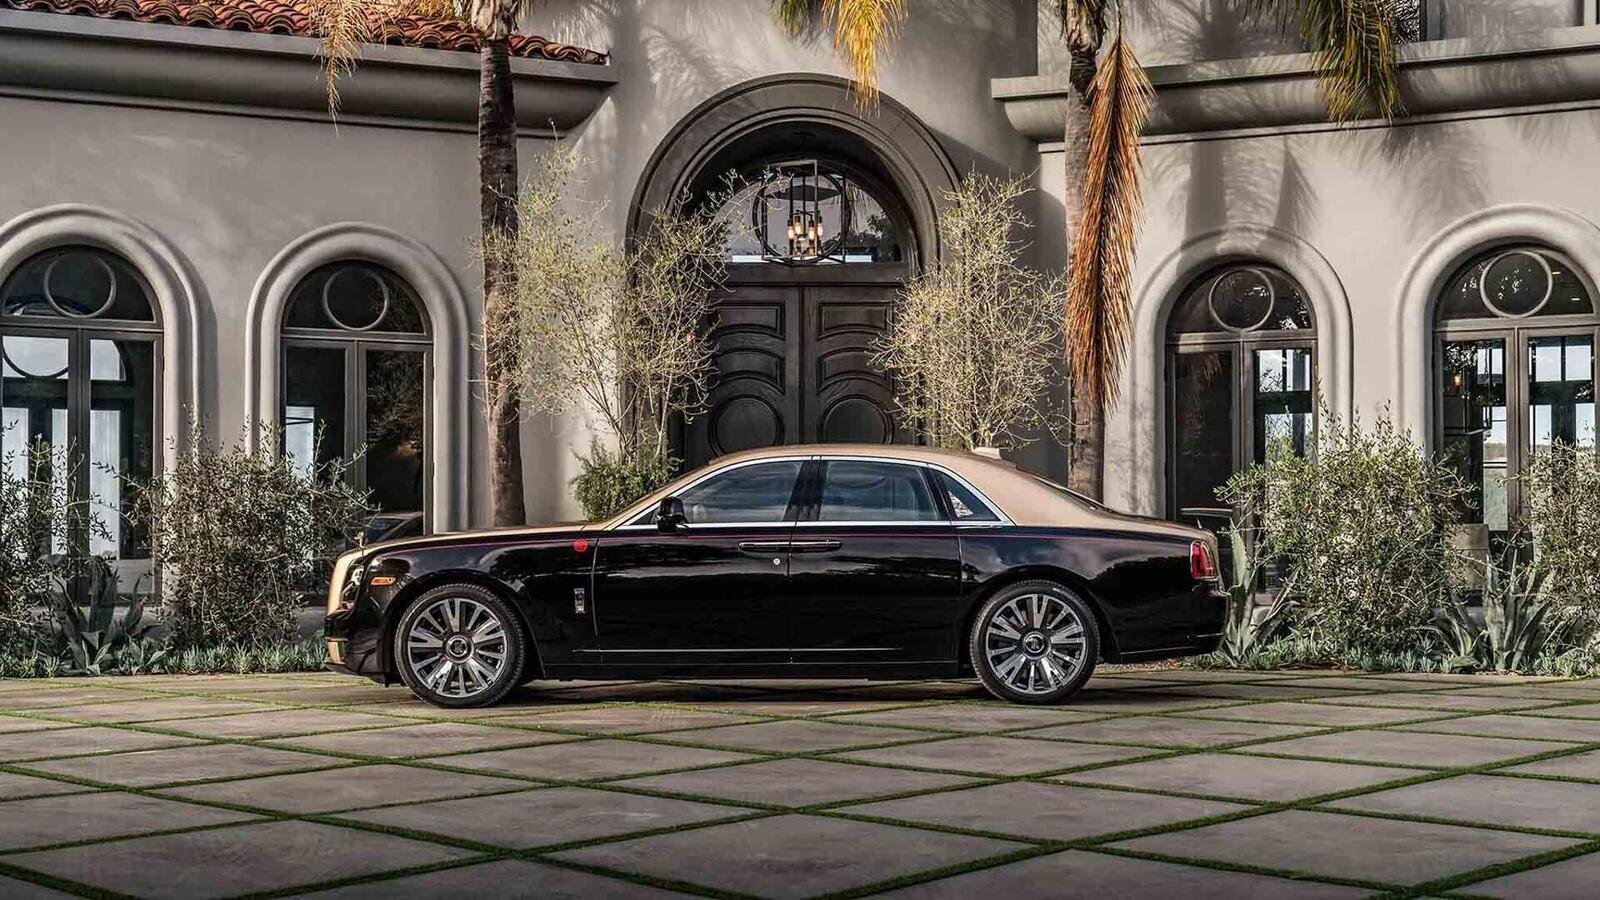 Mừng năm Kỷ Hợi, Rolls-Royce giới thiệu Ghost, Wraith và Dawn phiên bản đặc biệt ''Year of the Pig'' - Hình 5